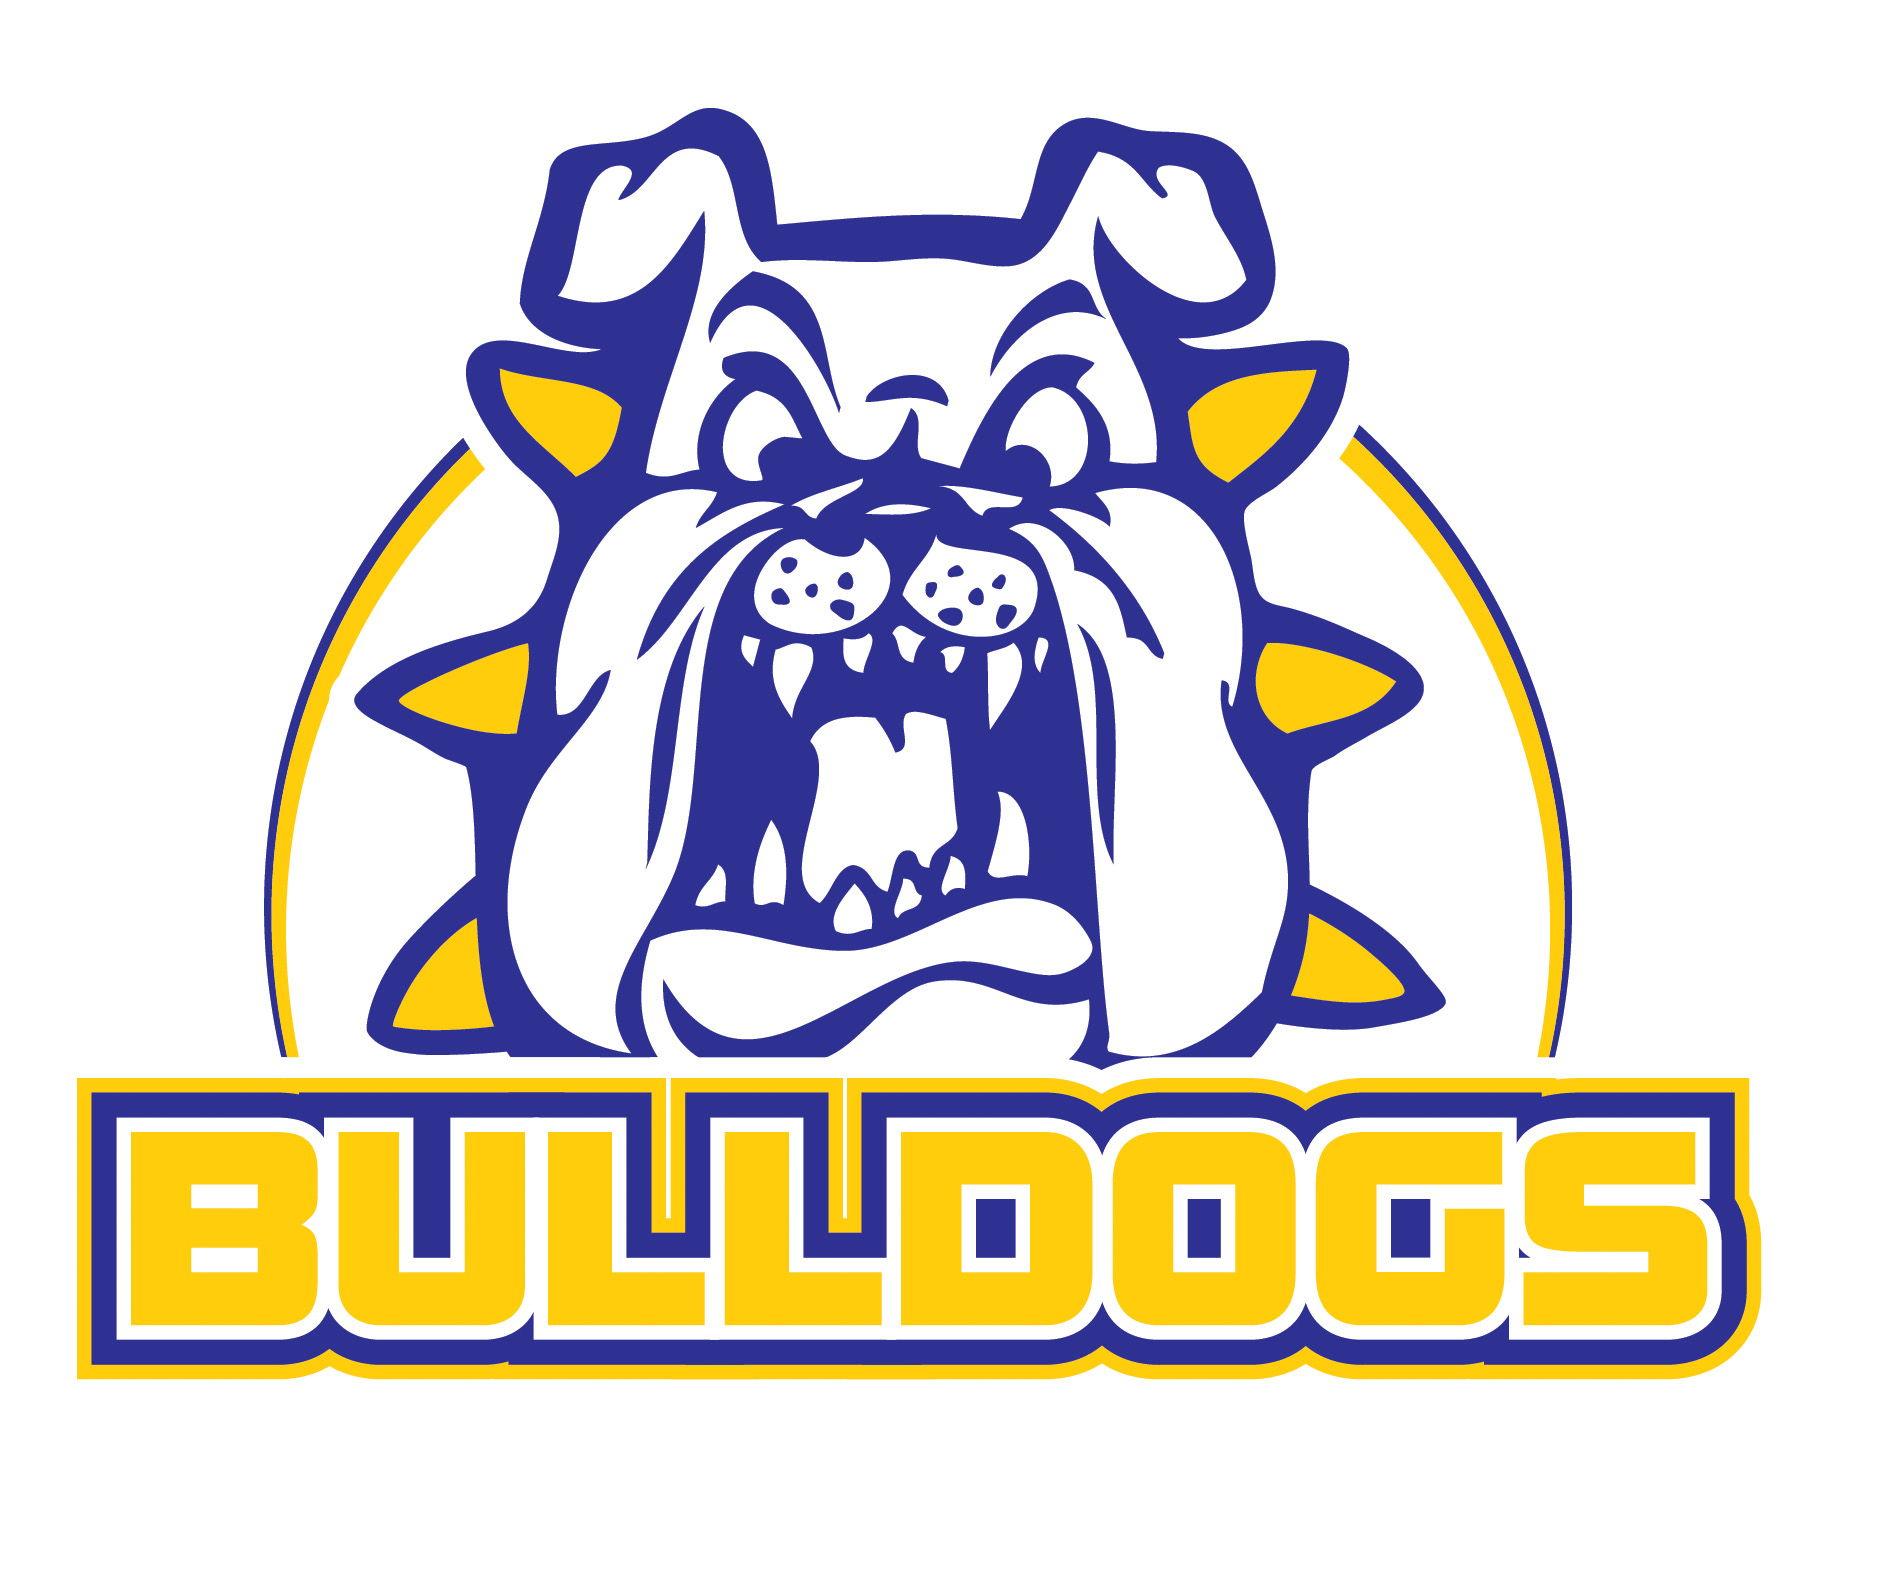 Logo for Bulldogs